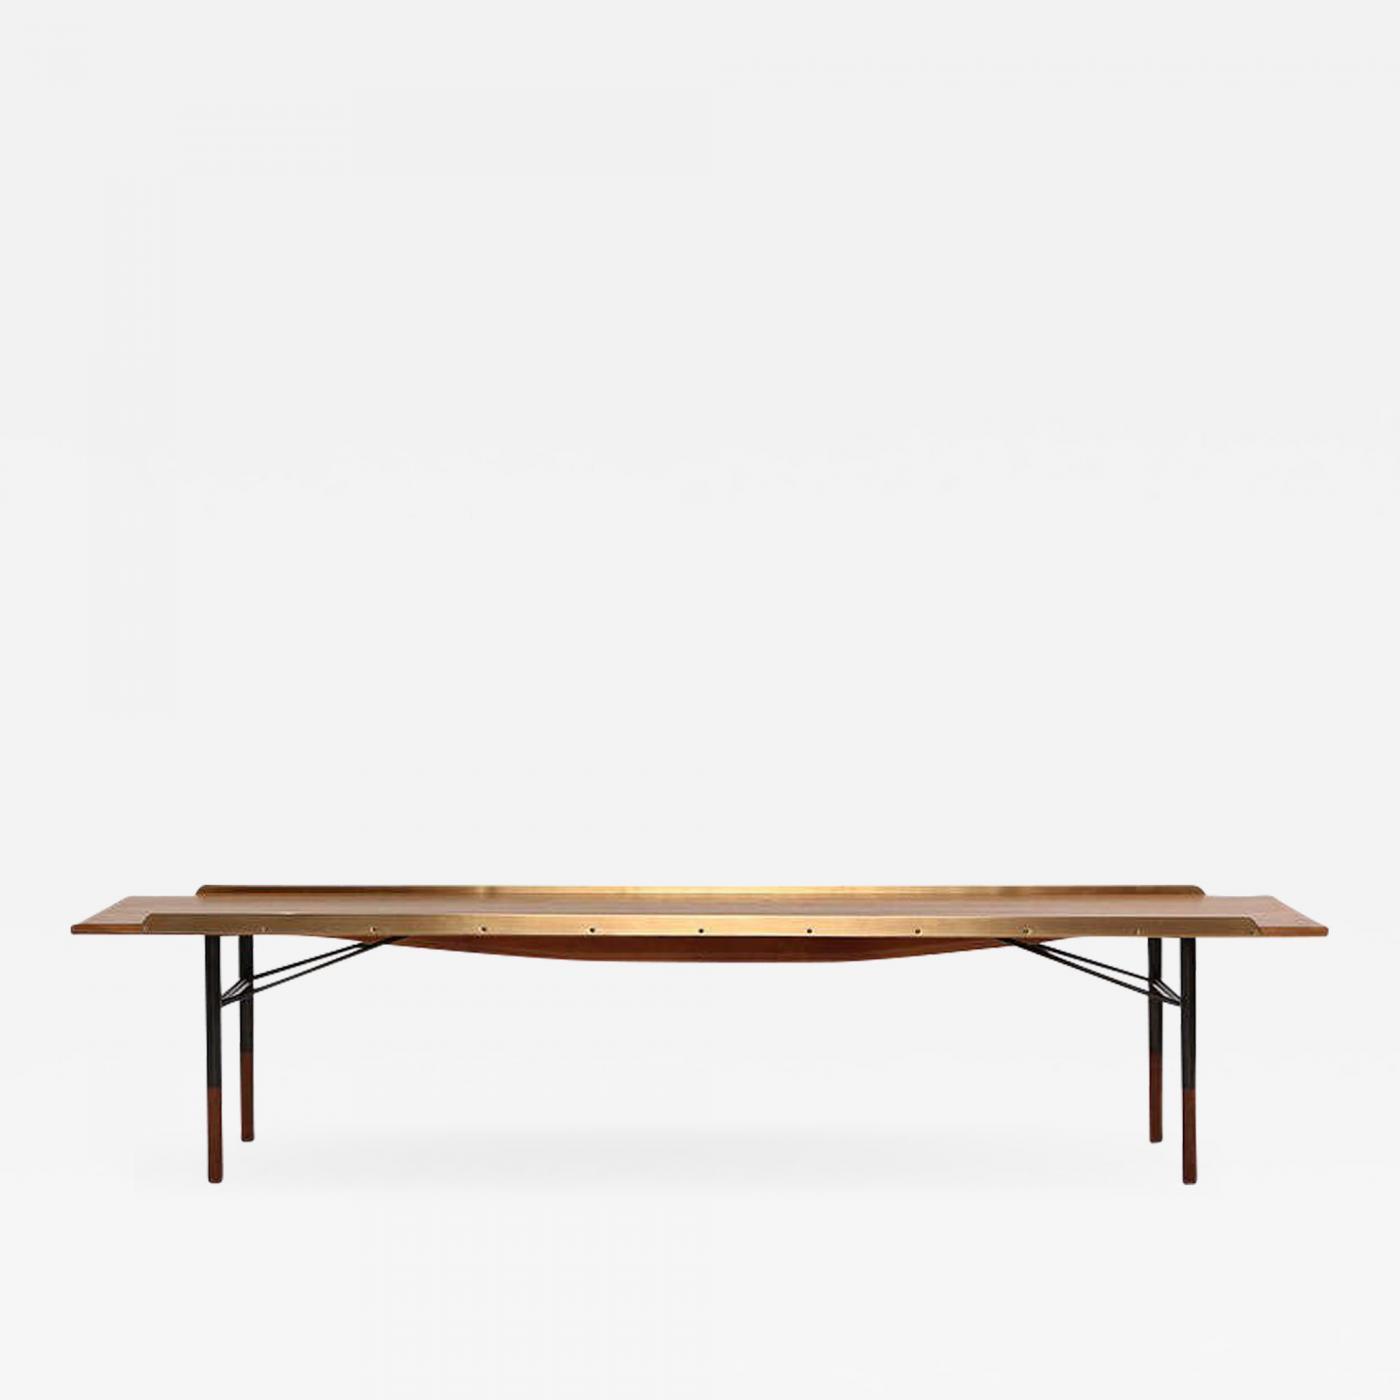 Strange Finn Juhl Low Table Bench By Finn Juhl Pabps2019 Chair Design Images Pabps2019Com